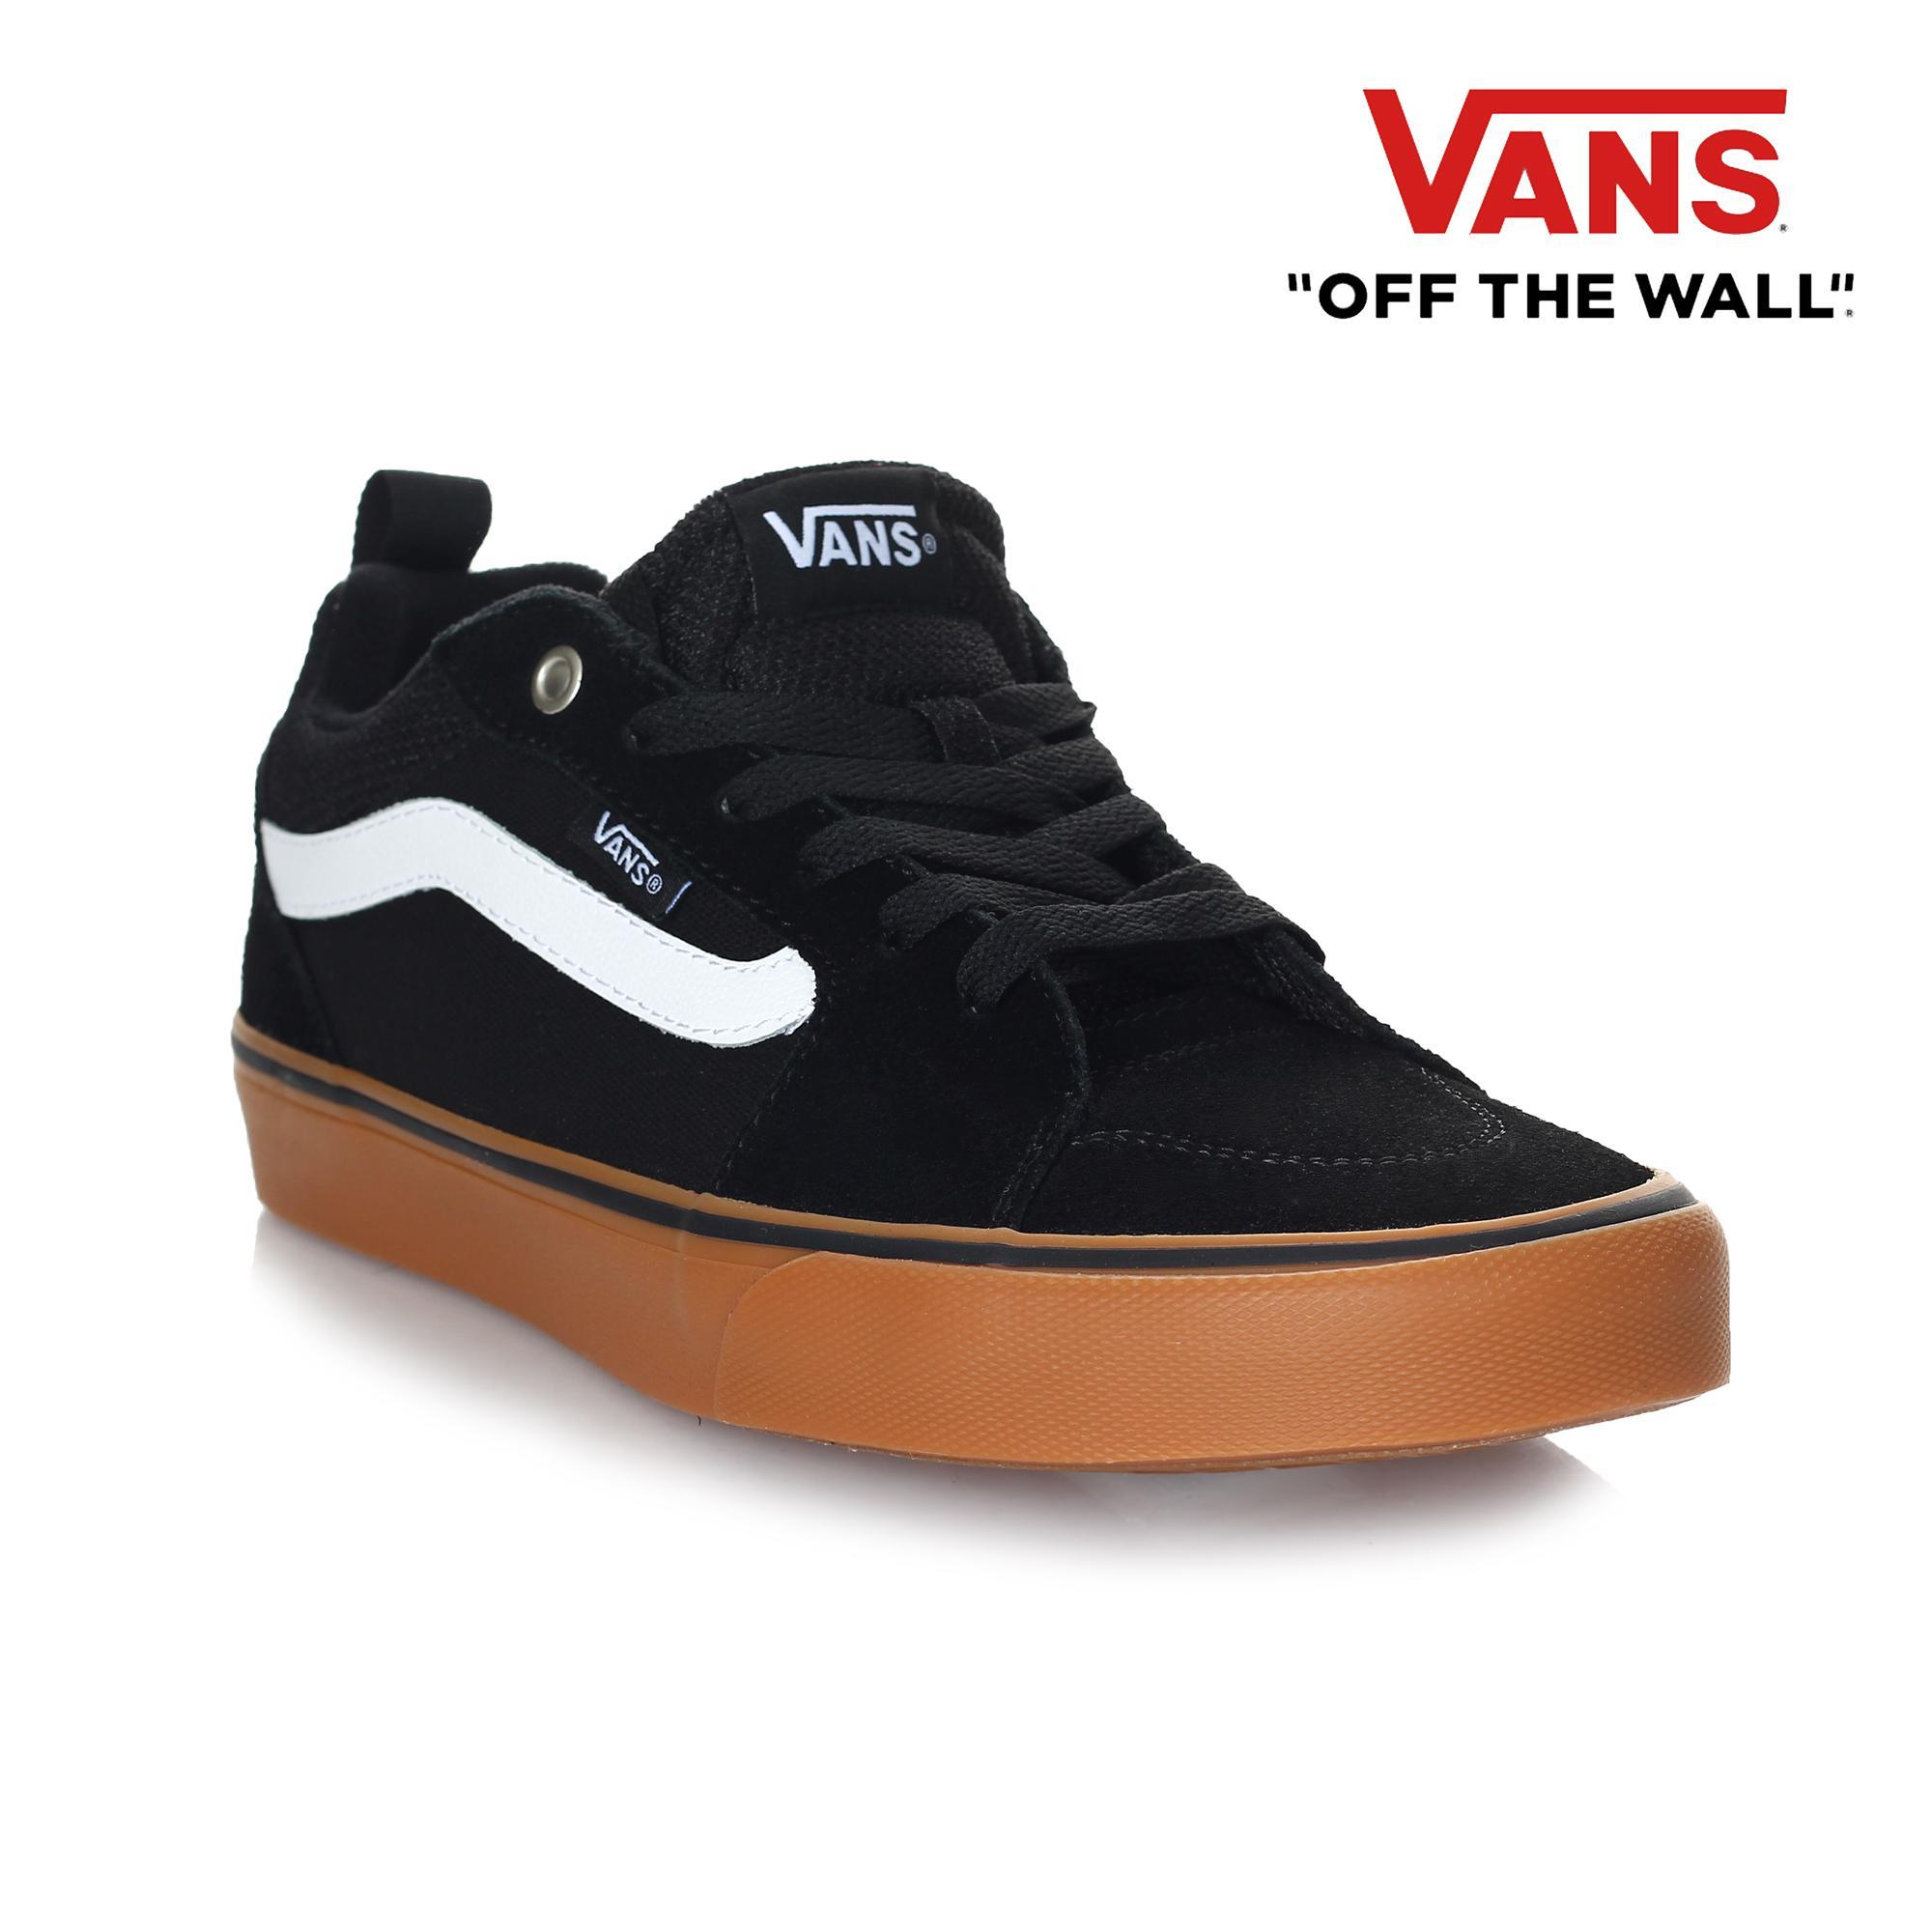 c17e49ba6 Vans Shoes for Men Philippines - Vans Men's Shoes for sale - prices ...